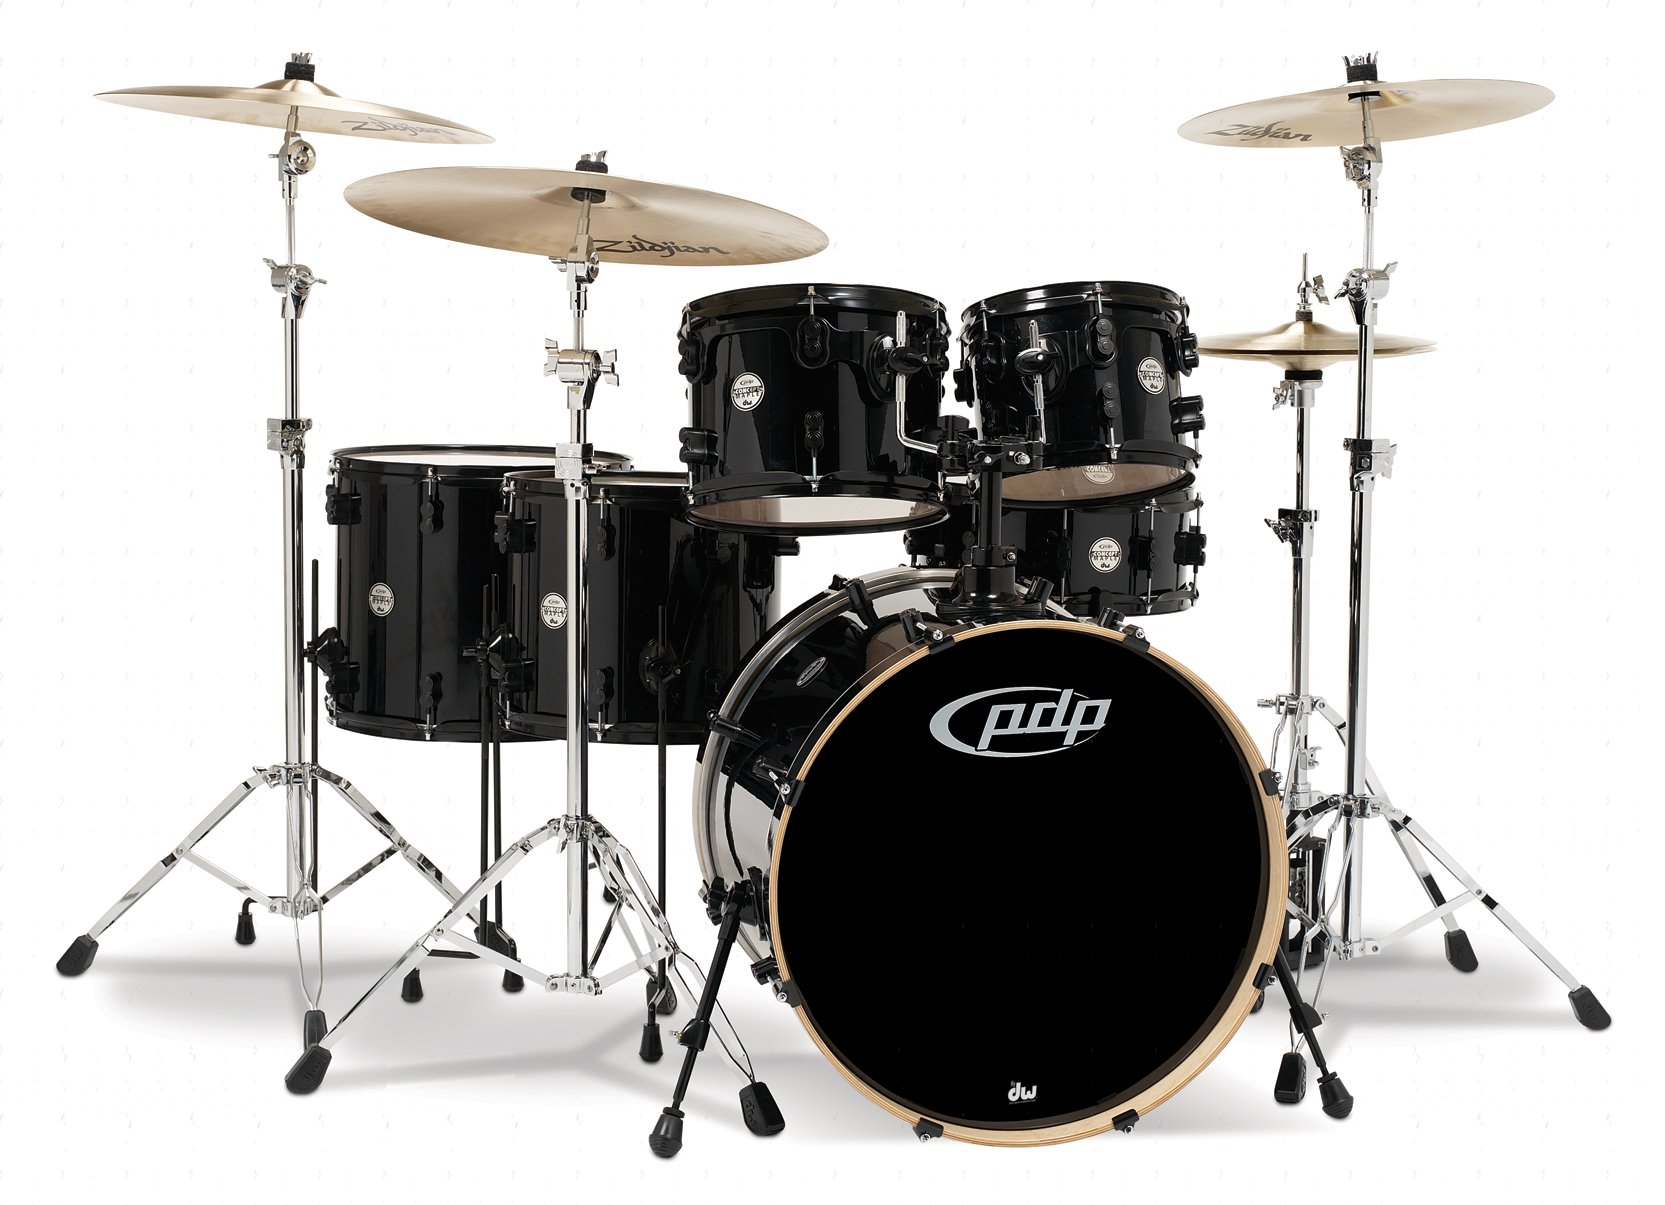 Pacific Drums PDCM2216PB Concept Series 6-Piece Drum Set - Pearlescent Black